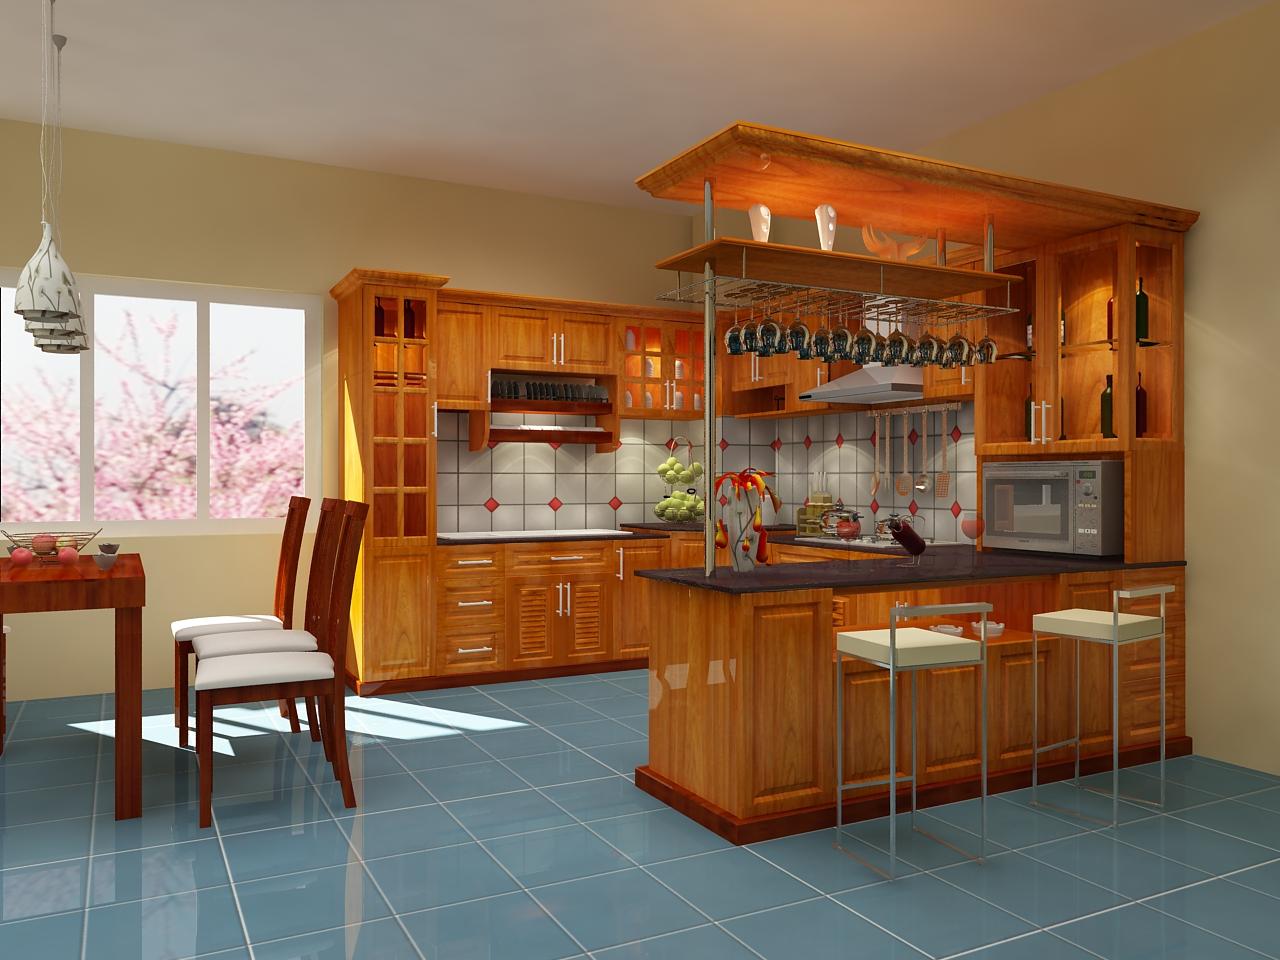 Tủ bếp có quầy bar hiện đại thể hiện đẳng cấp vượt trội